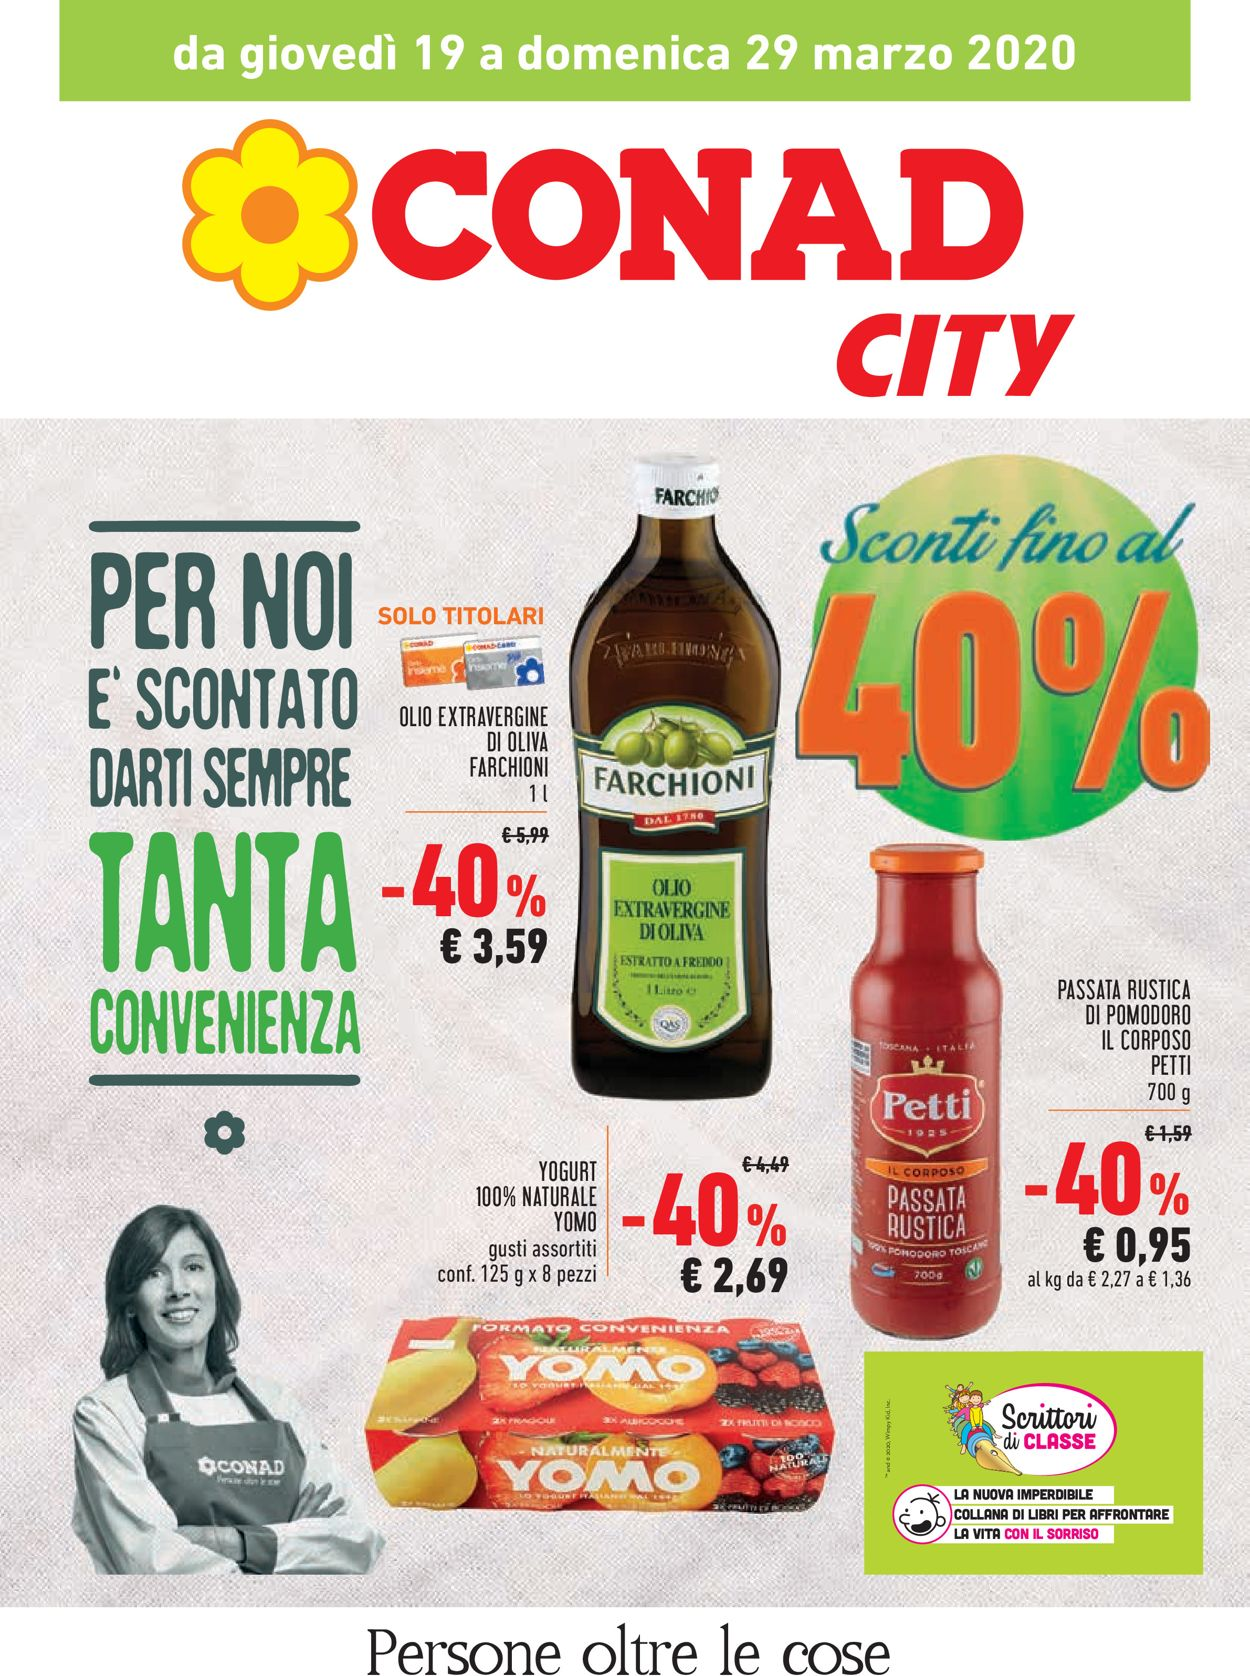 Volantino Conad - Offerte 19/03-29/03/2020